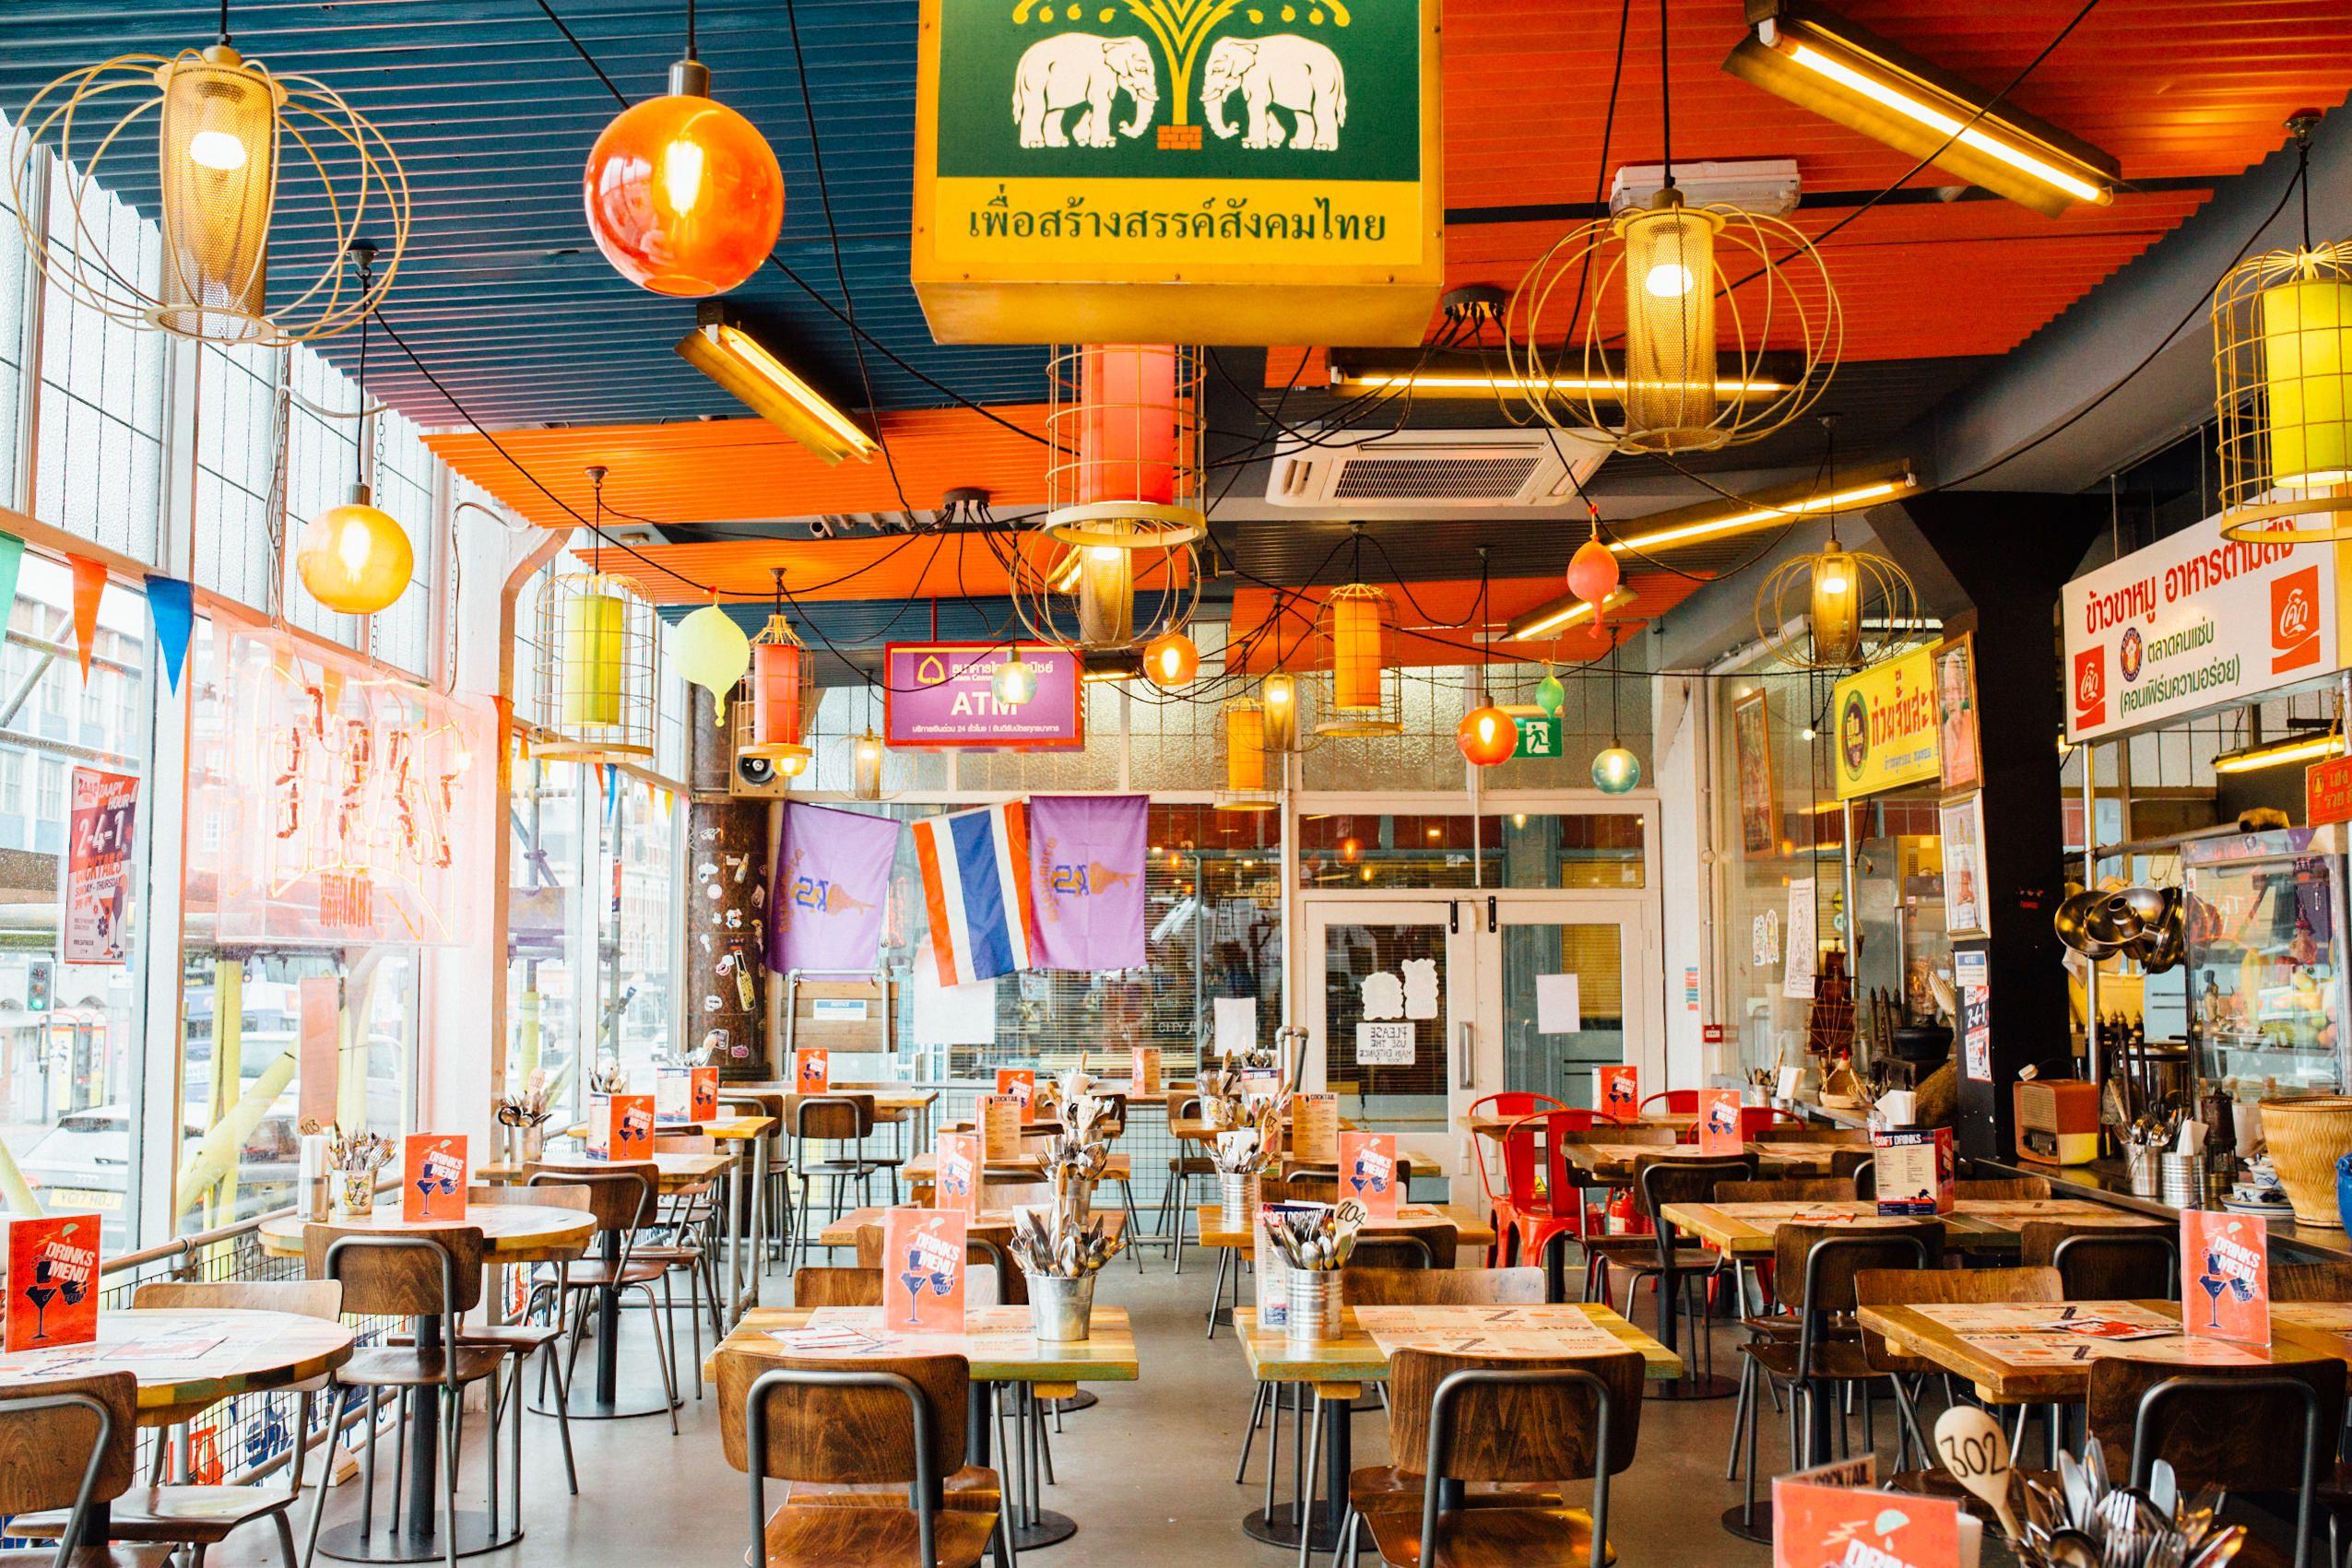 Zaap Thai Authentic Thai Street Food Leeds Newcastle Nottingham Zaap Thai Thai Street Food Street Food Design Food Stall Design